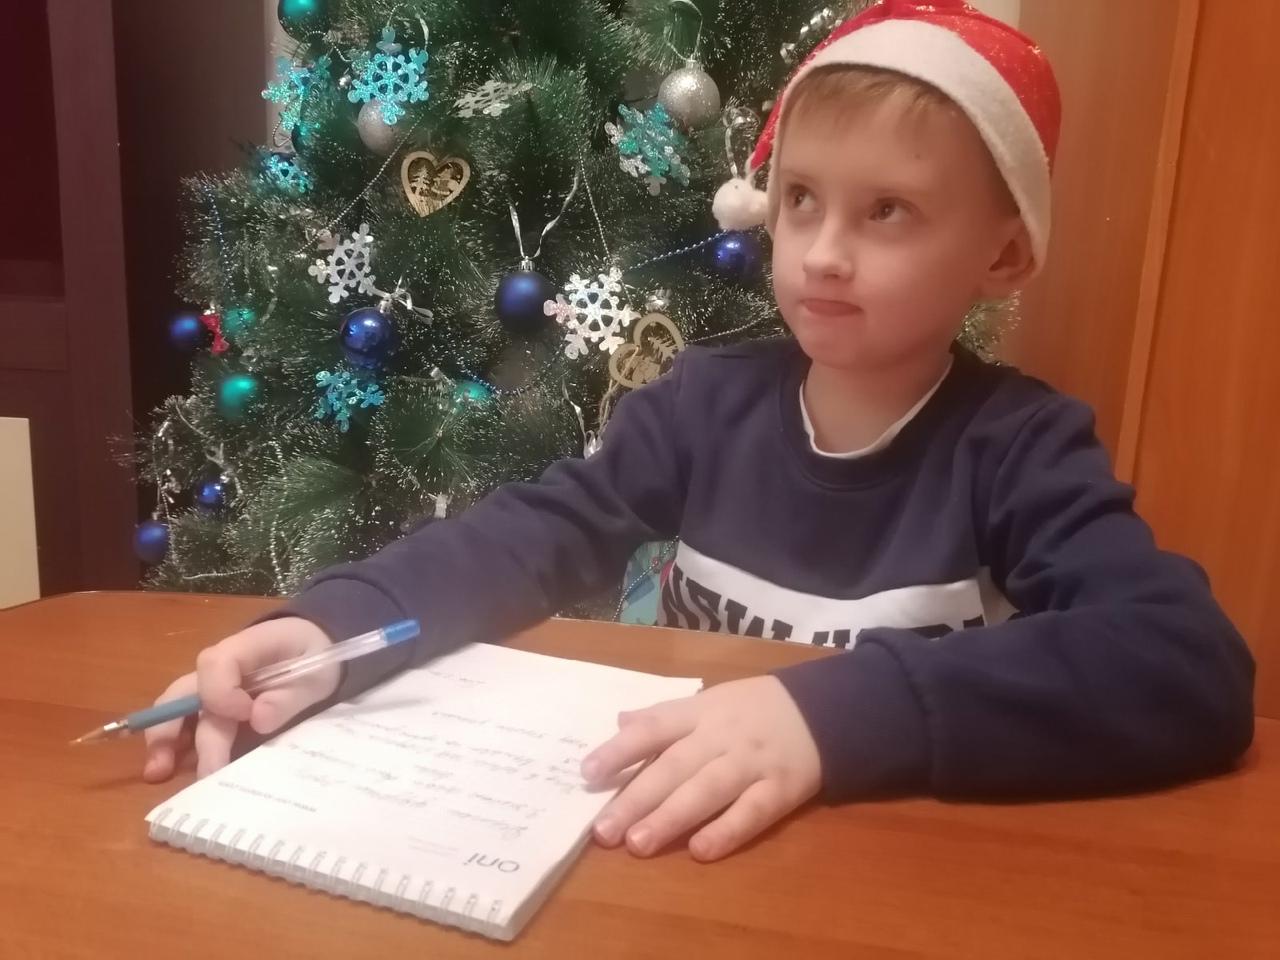 Что хотят получить в подарок от Деда Мороза дети из Кирово-Чепецка?